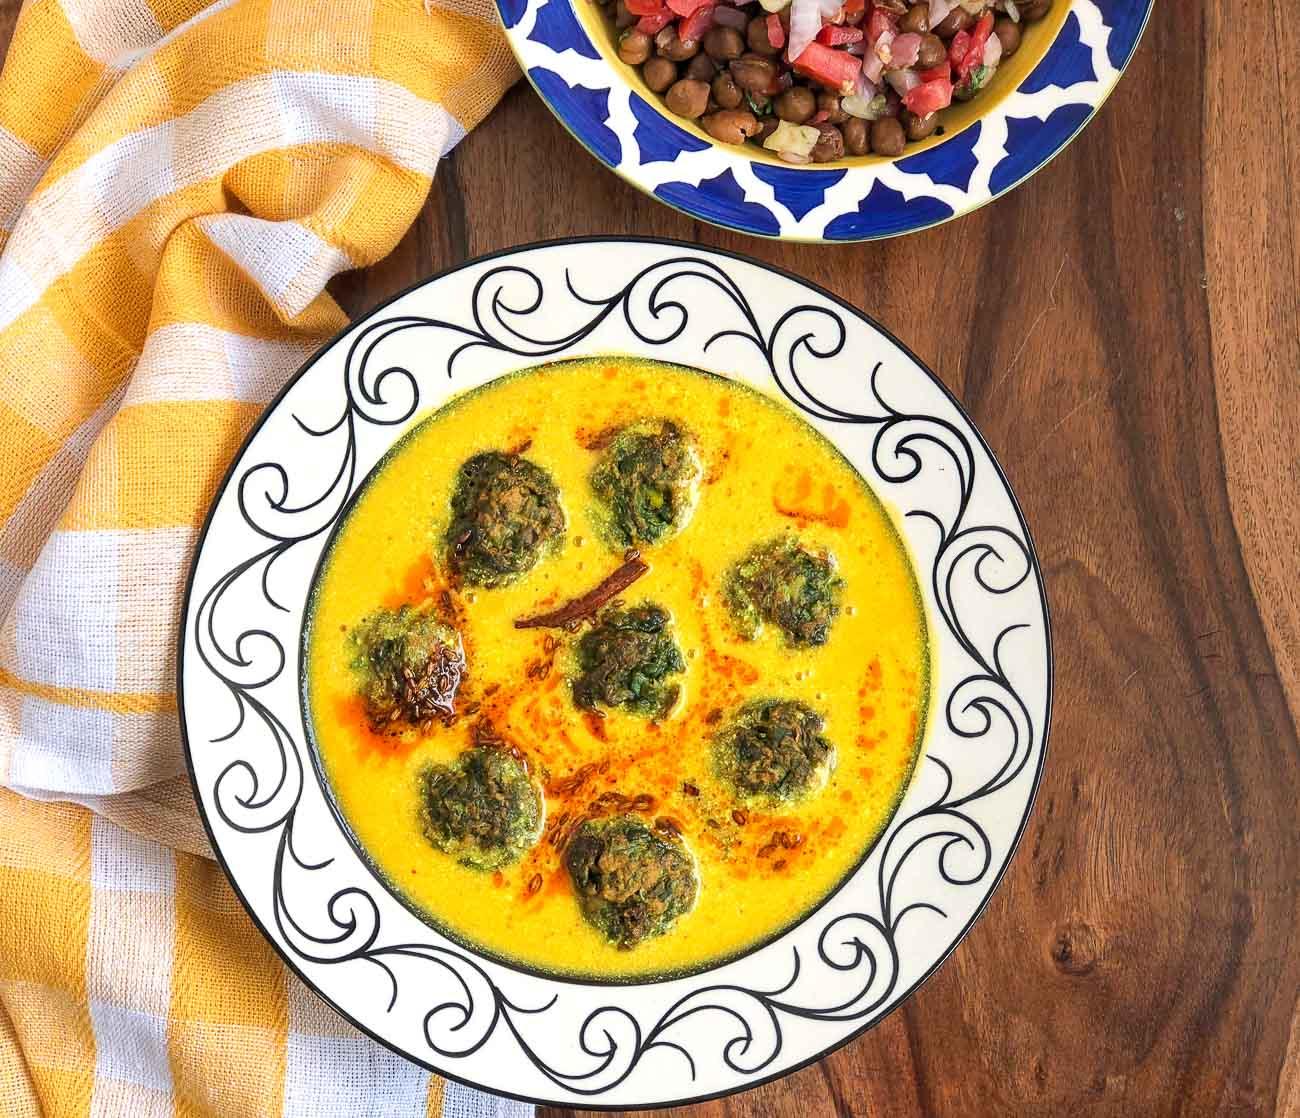 Palak onion kadhi pakora recipe by archanas kitchen palak onion kadhi pakora recipe forumfinder Images